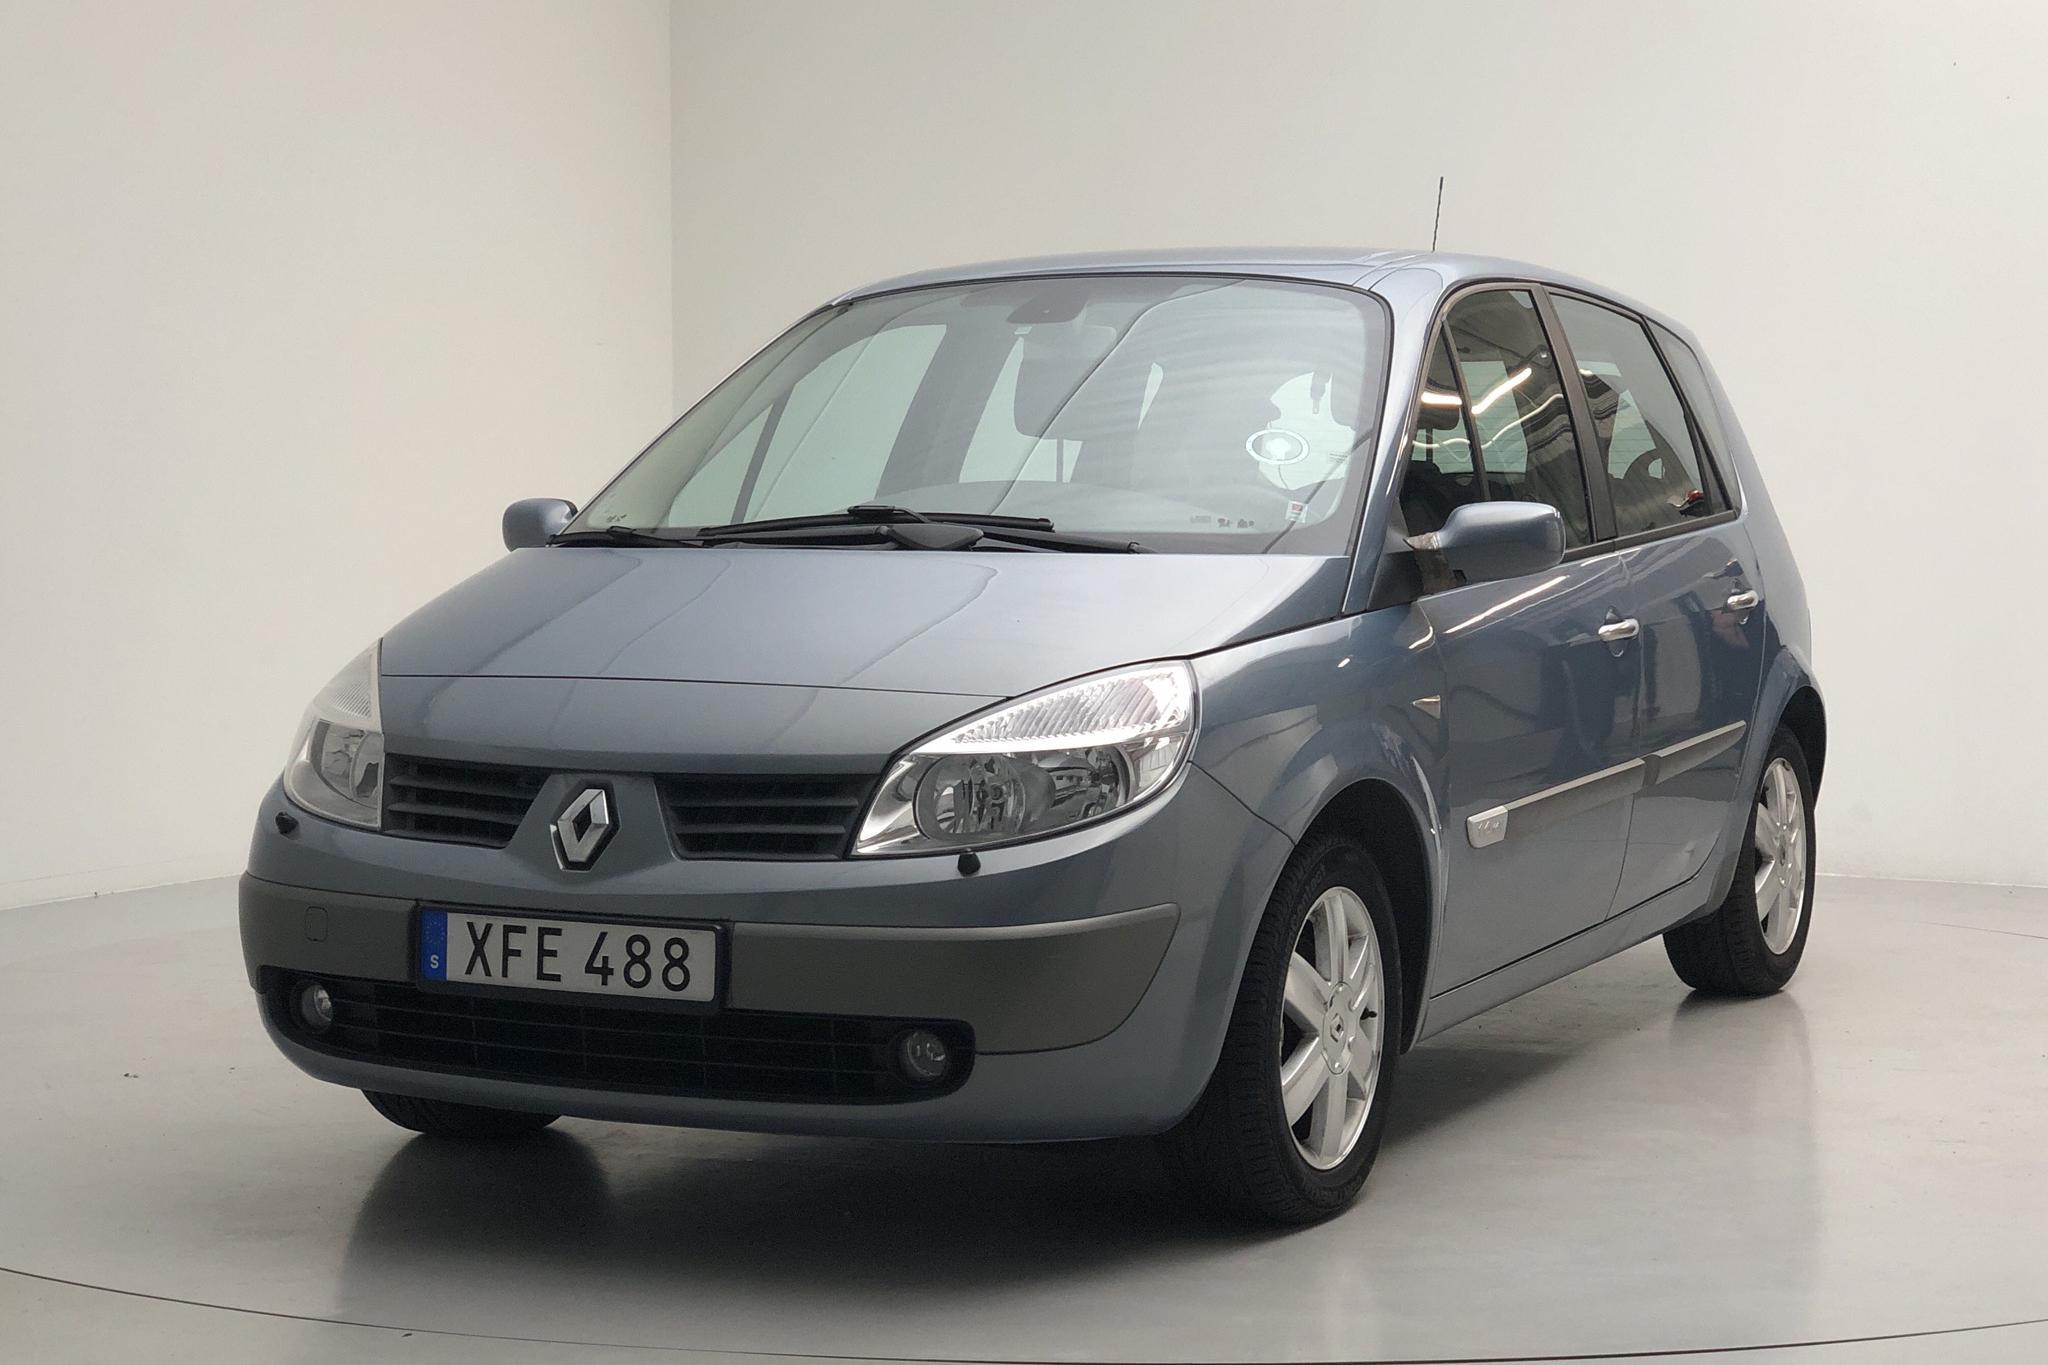 Renault Scénic II 1.6 16V (112hk) - 6 549 mil - Manuell - Light Blue - 2006